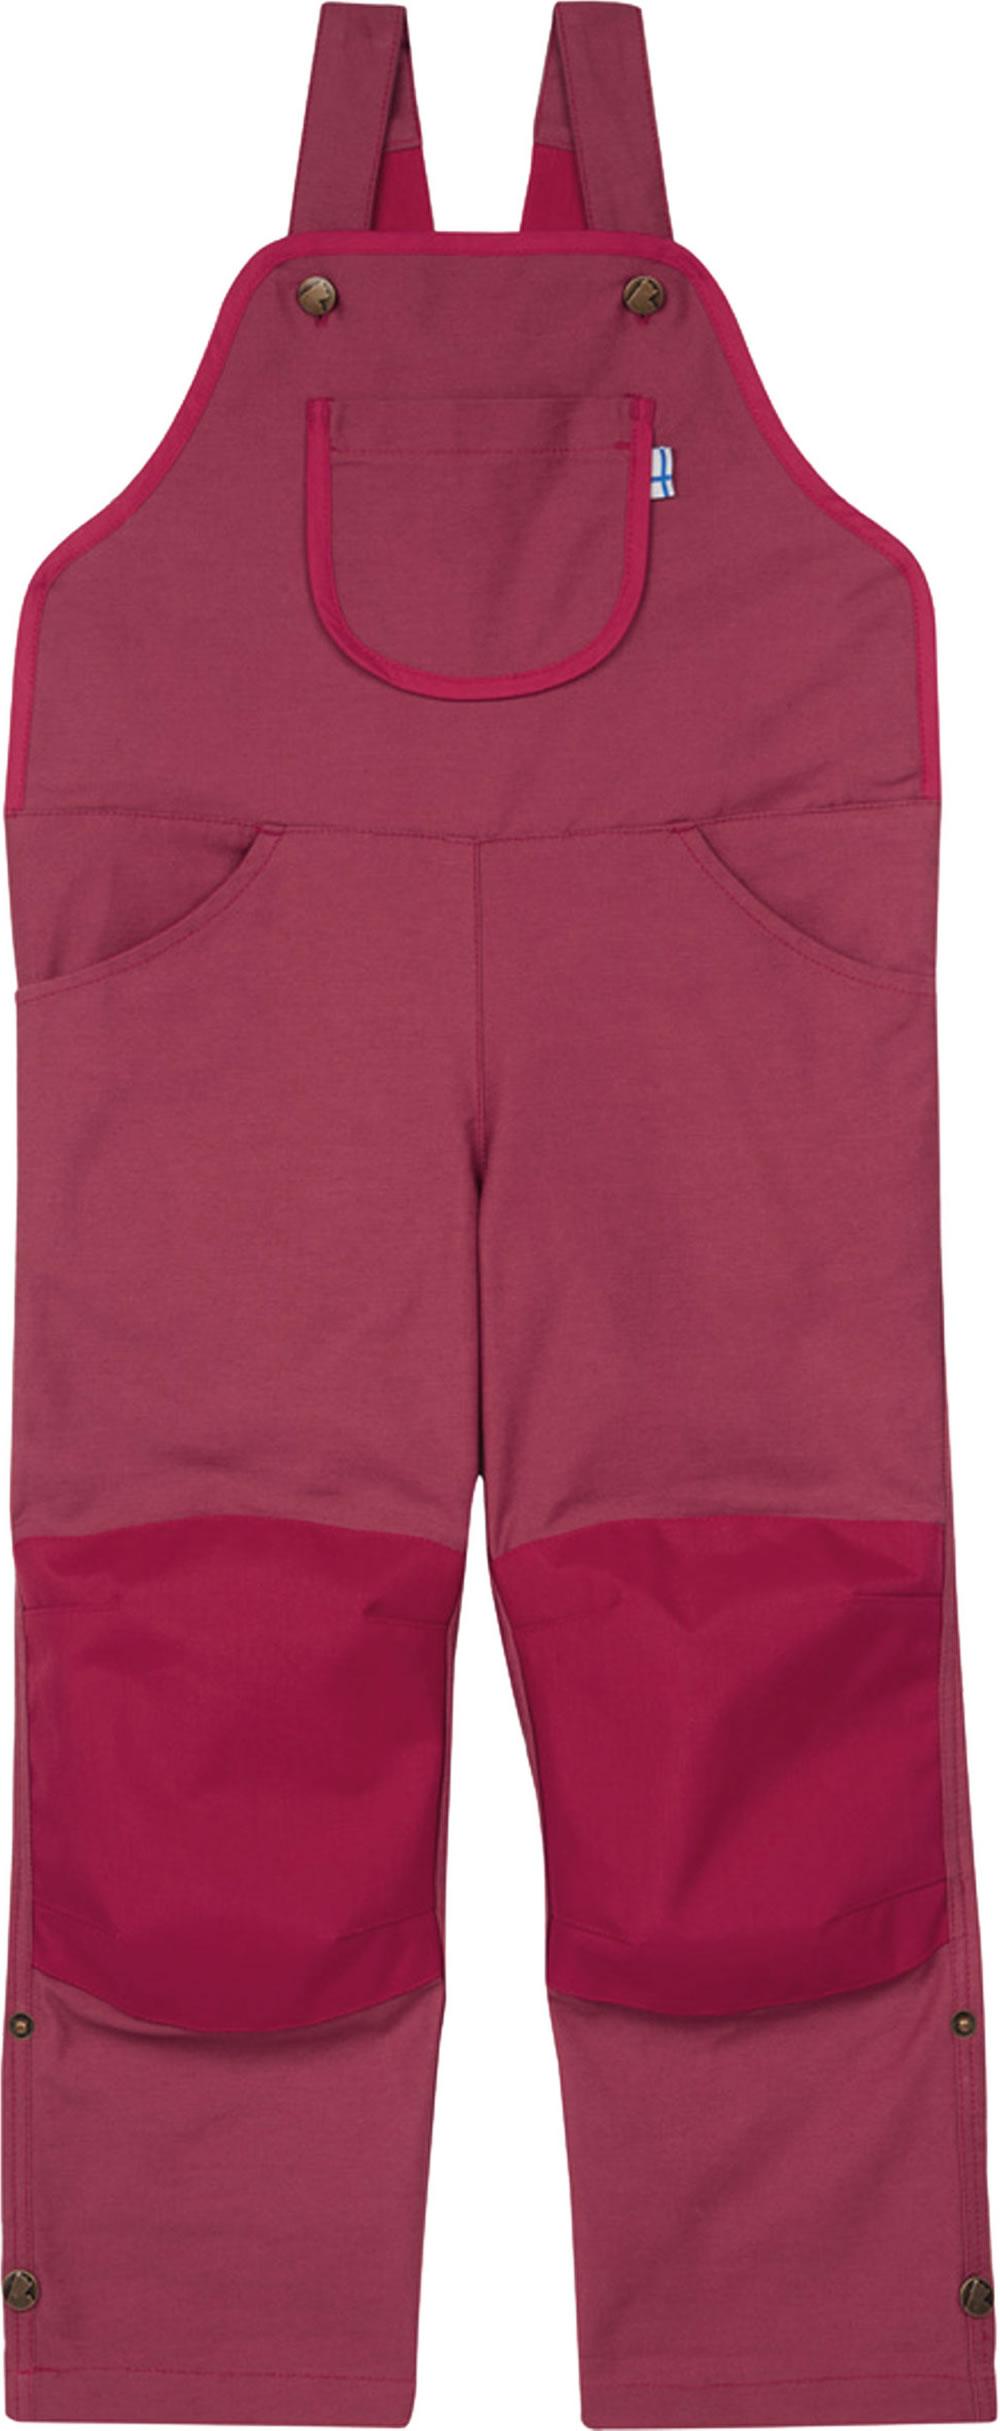 schönen Glanz 100% Spitzenqualität attraktive Farbe Finkid Verstärkte Kinder-Latzhose LOIRI CANVAS cranberry/red 1352005-505200